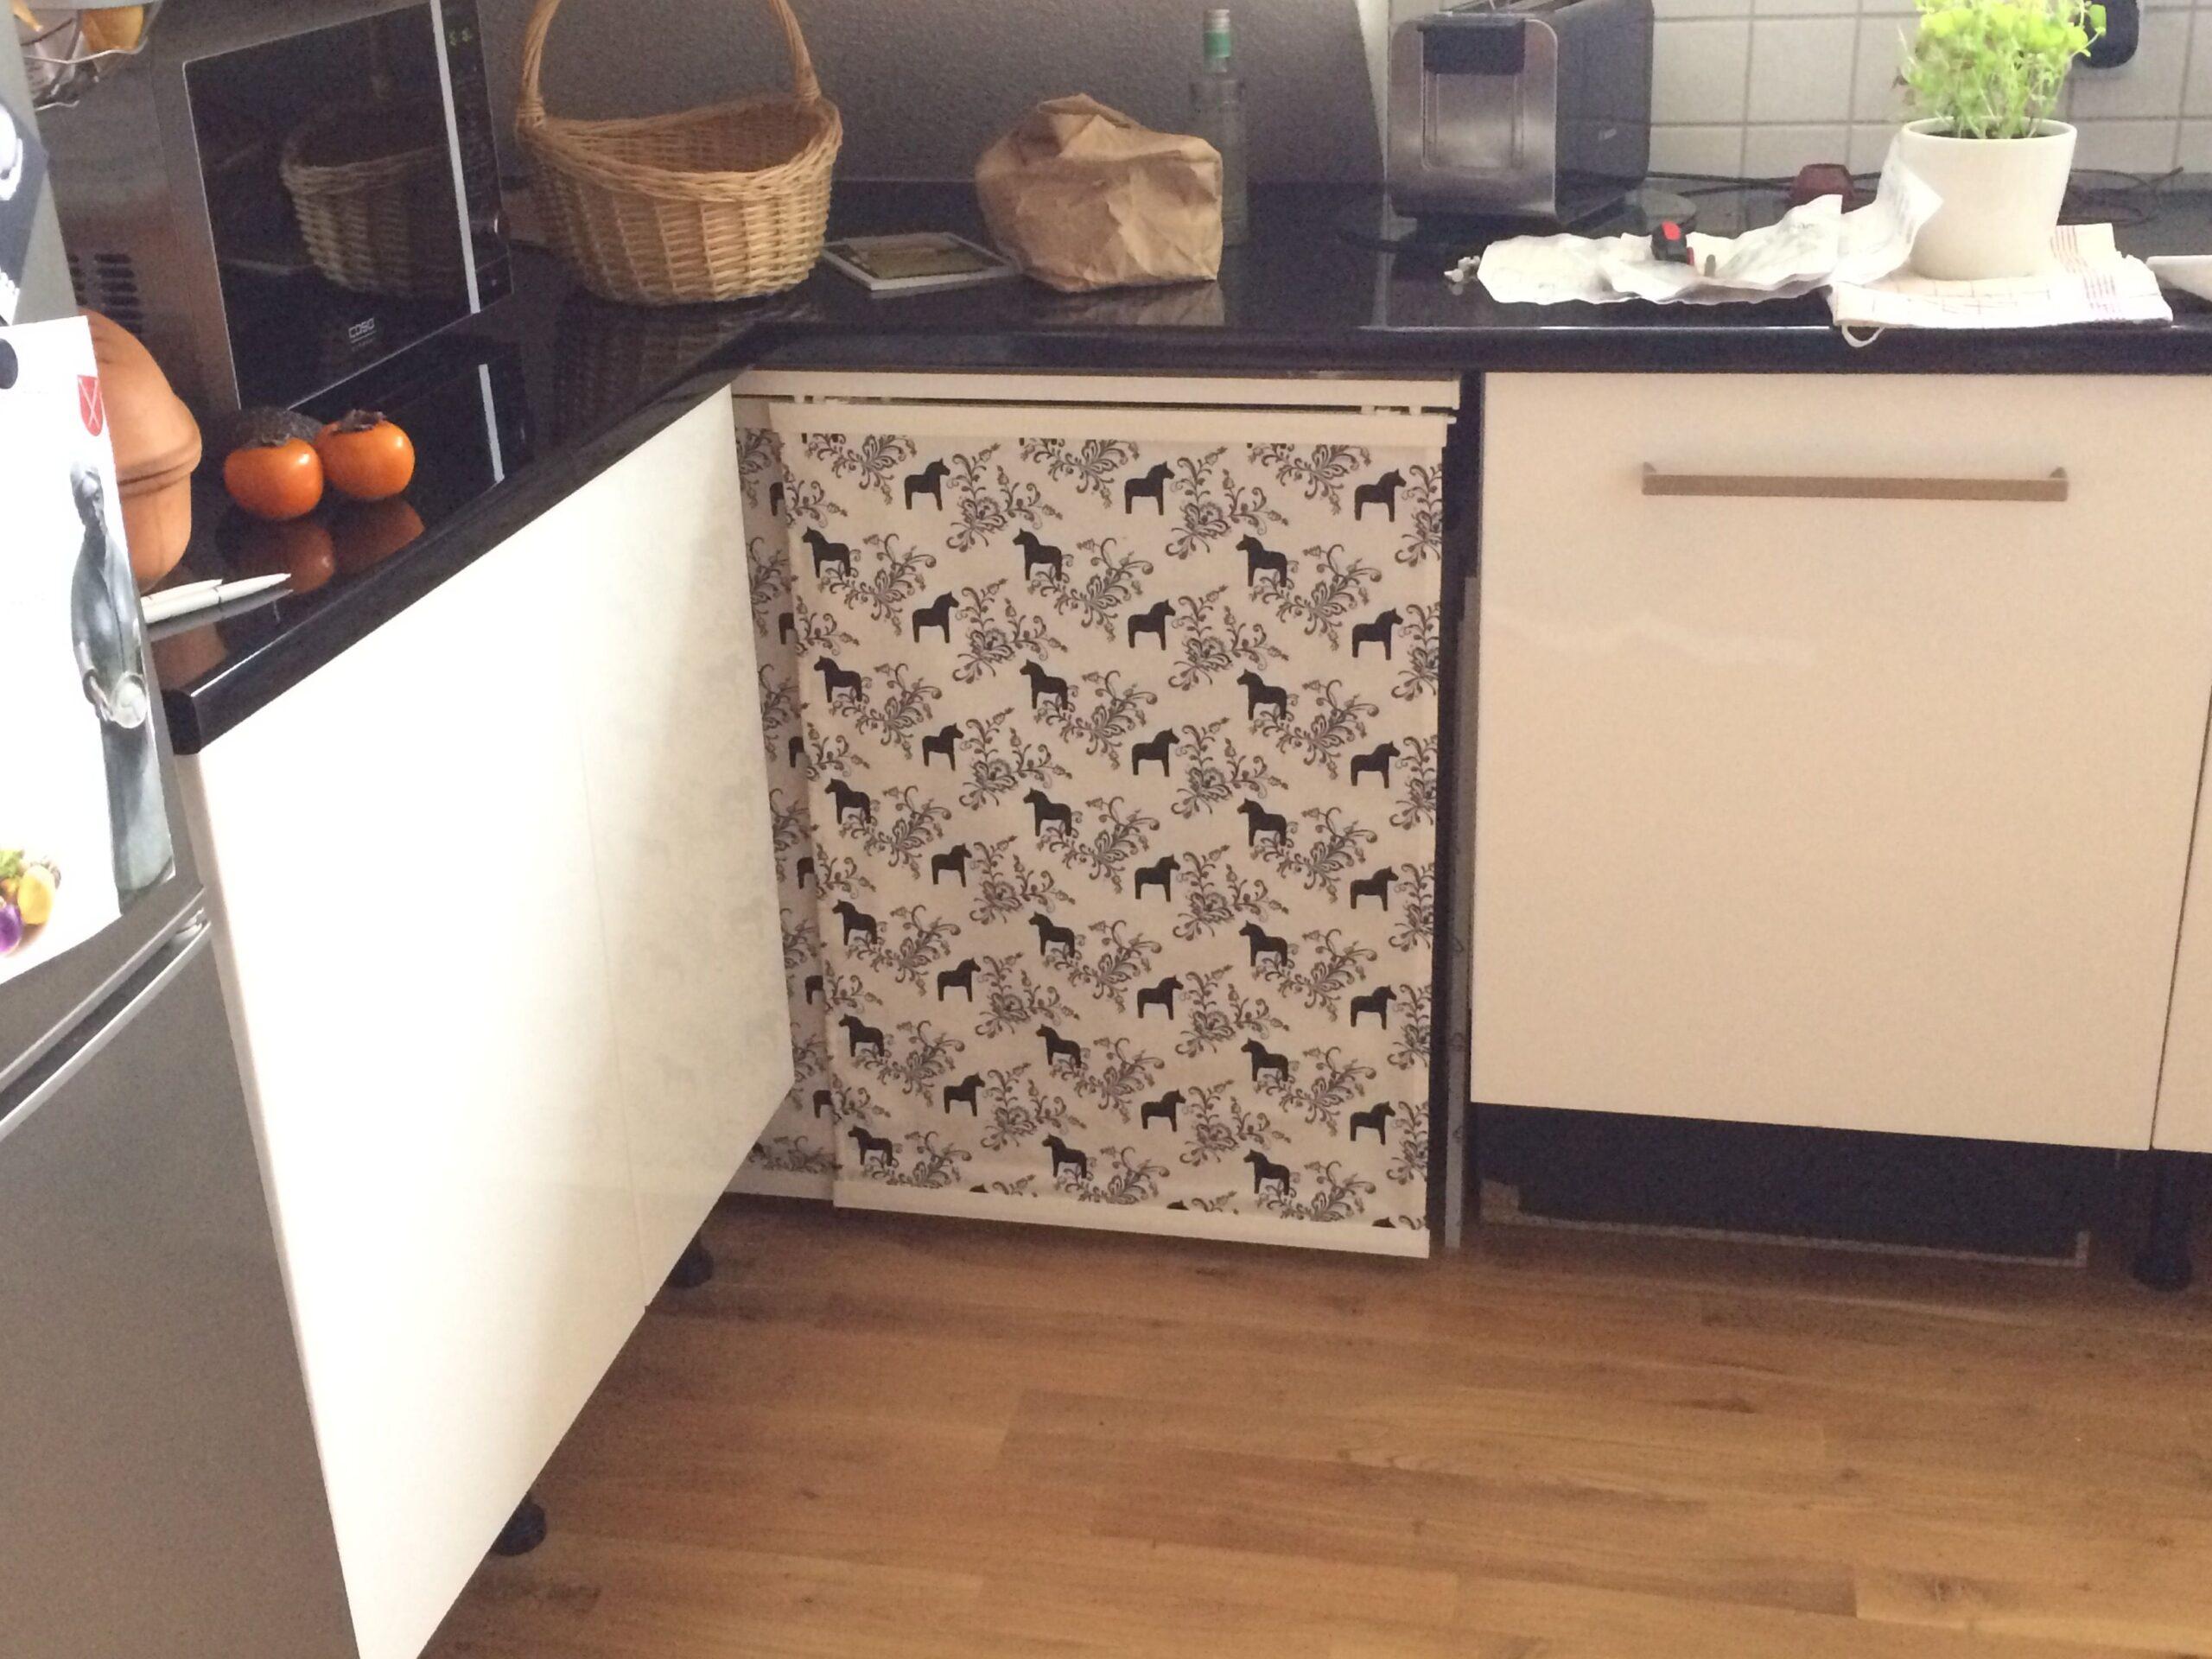 Full Size of Mülleimer Küche Ikea Gardine Unter Arbeitsplatte Wasserhahn Wandanschluss Schreinerküche Treteimer Vorratsschrank Eckbank Landhausküche Gebraucht Single Wohnzimmer Mülleimer Küche Ikea